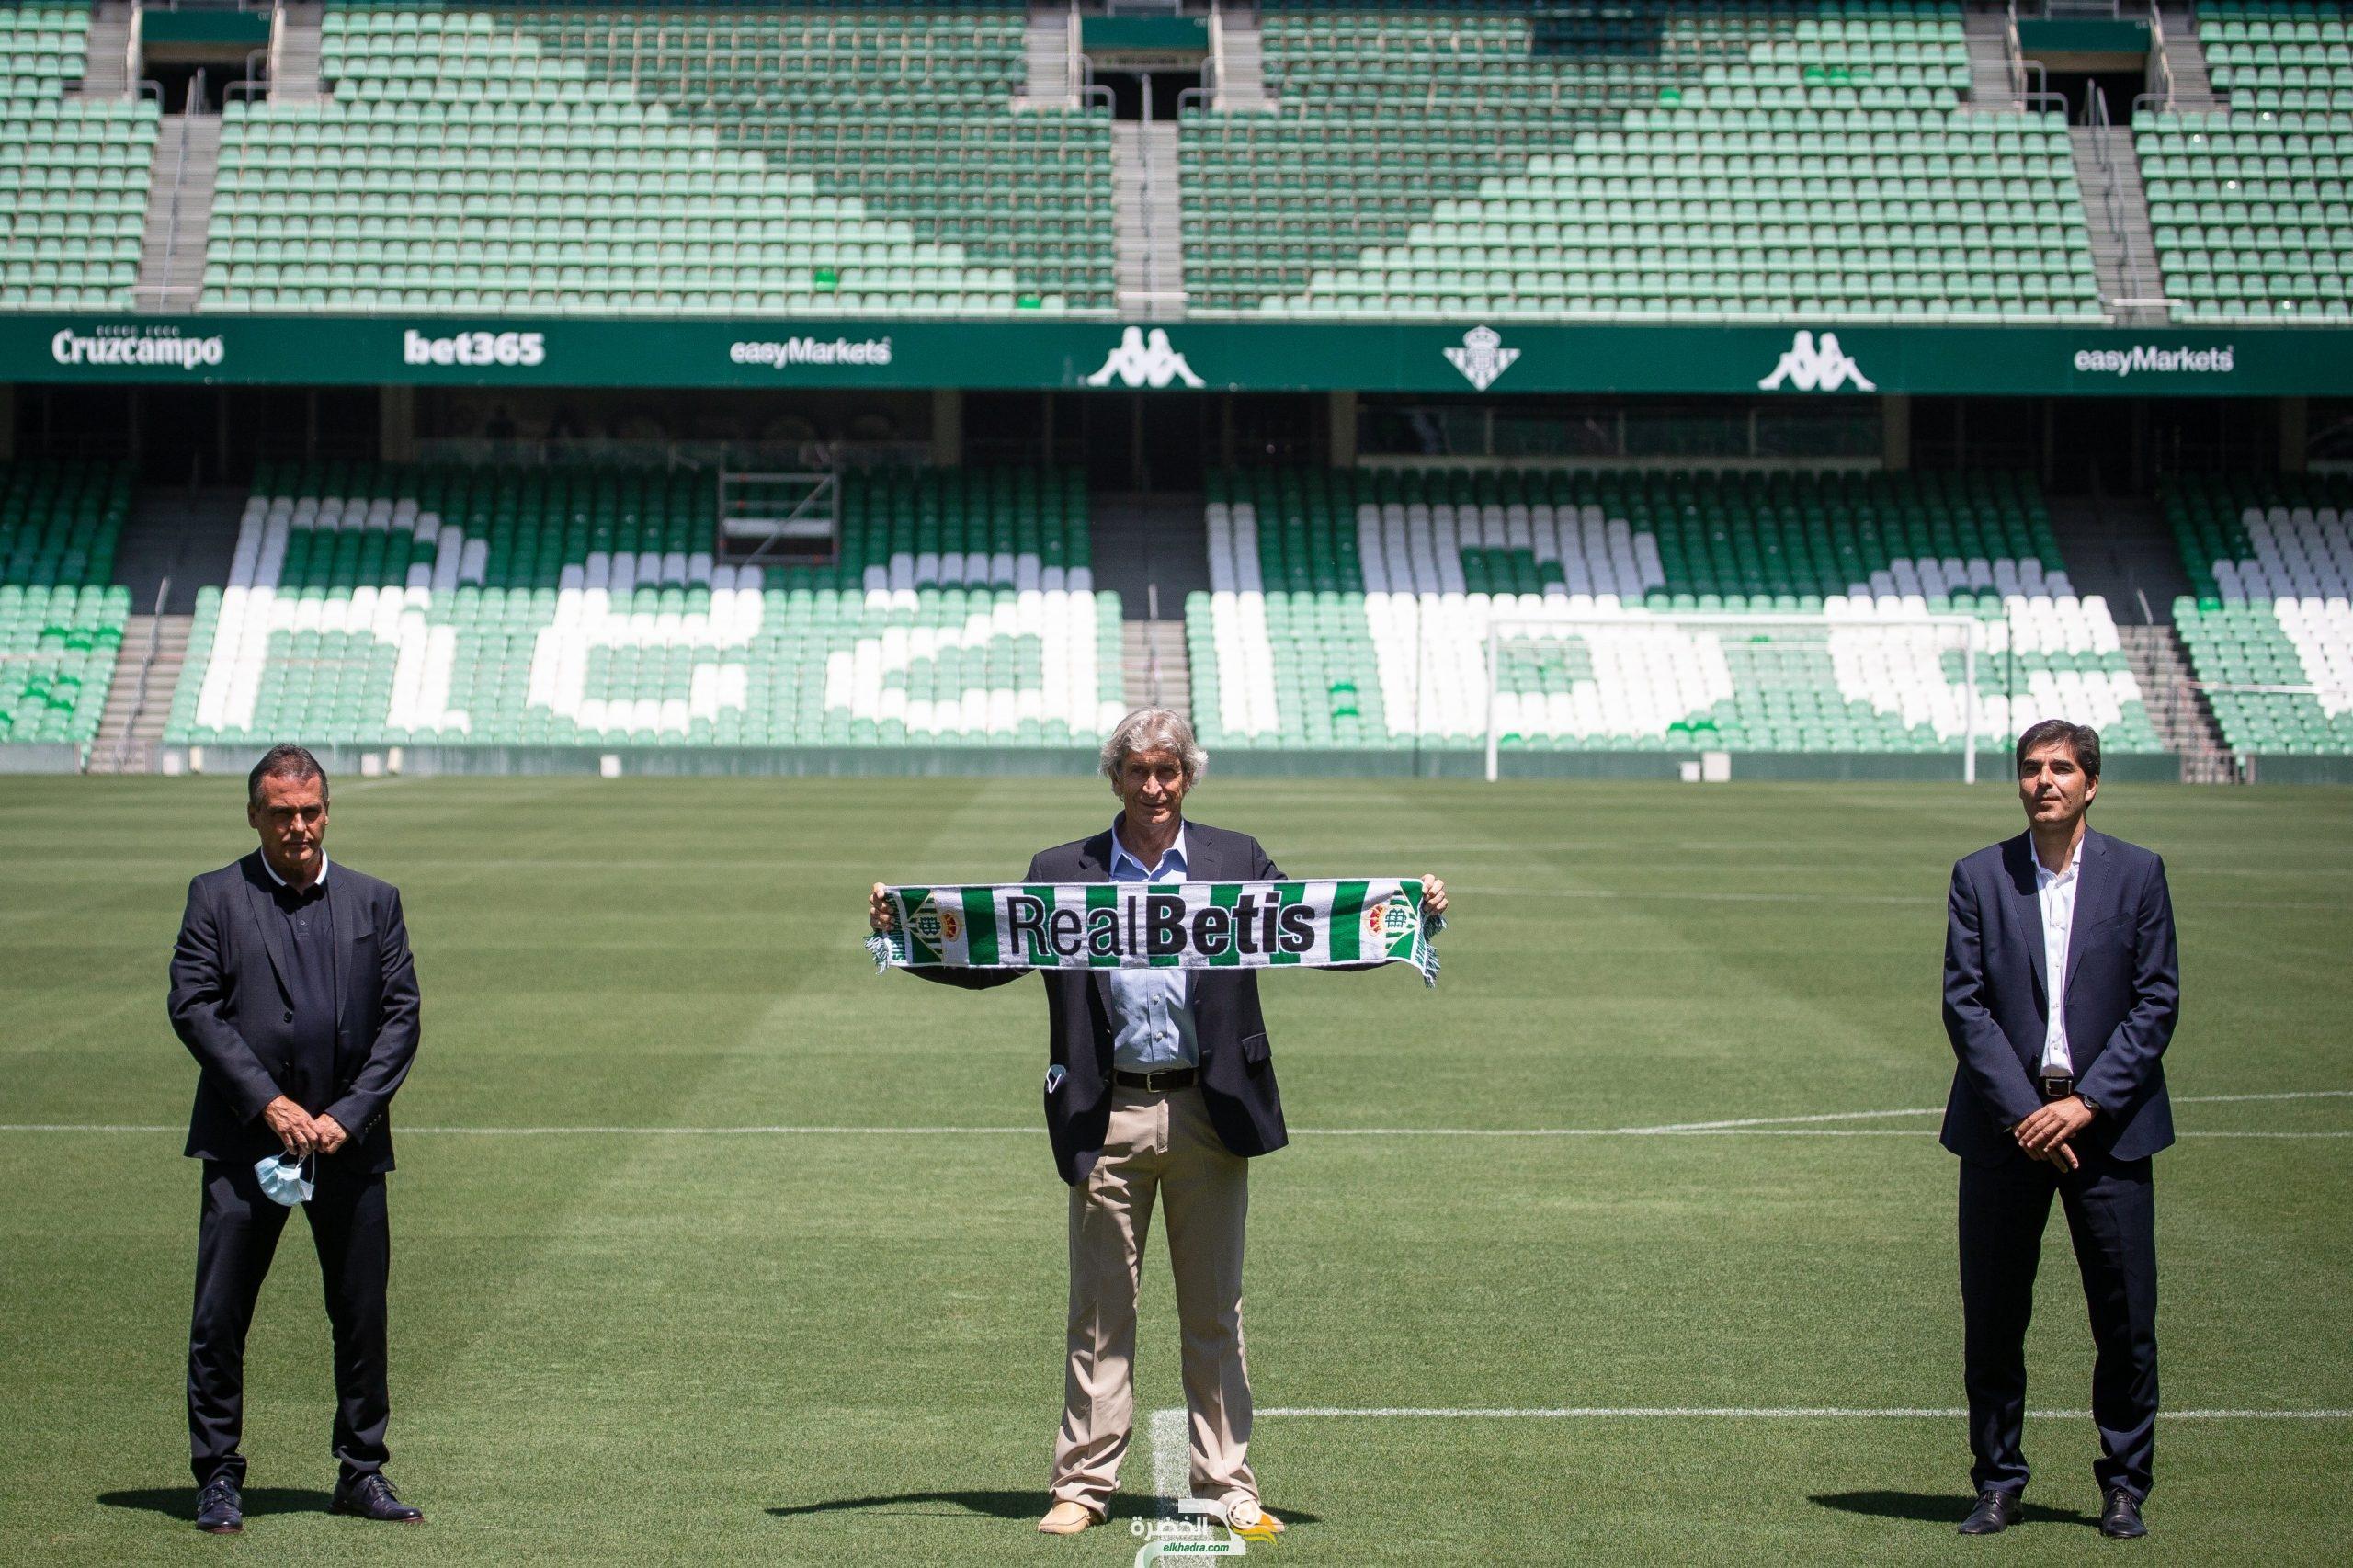 بيليجريني مدربا لعيسى ماندي في ريال بيتيس 29